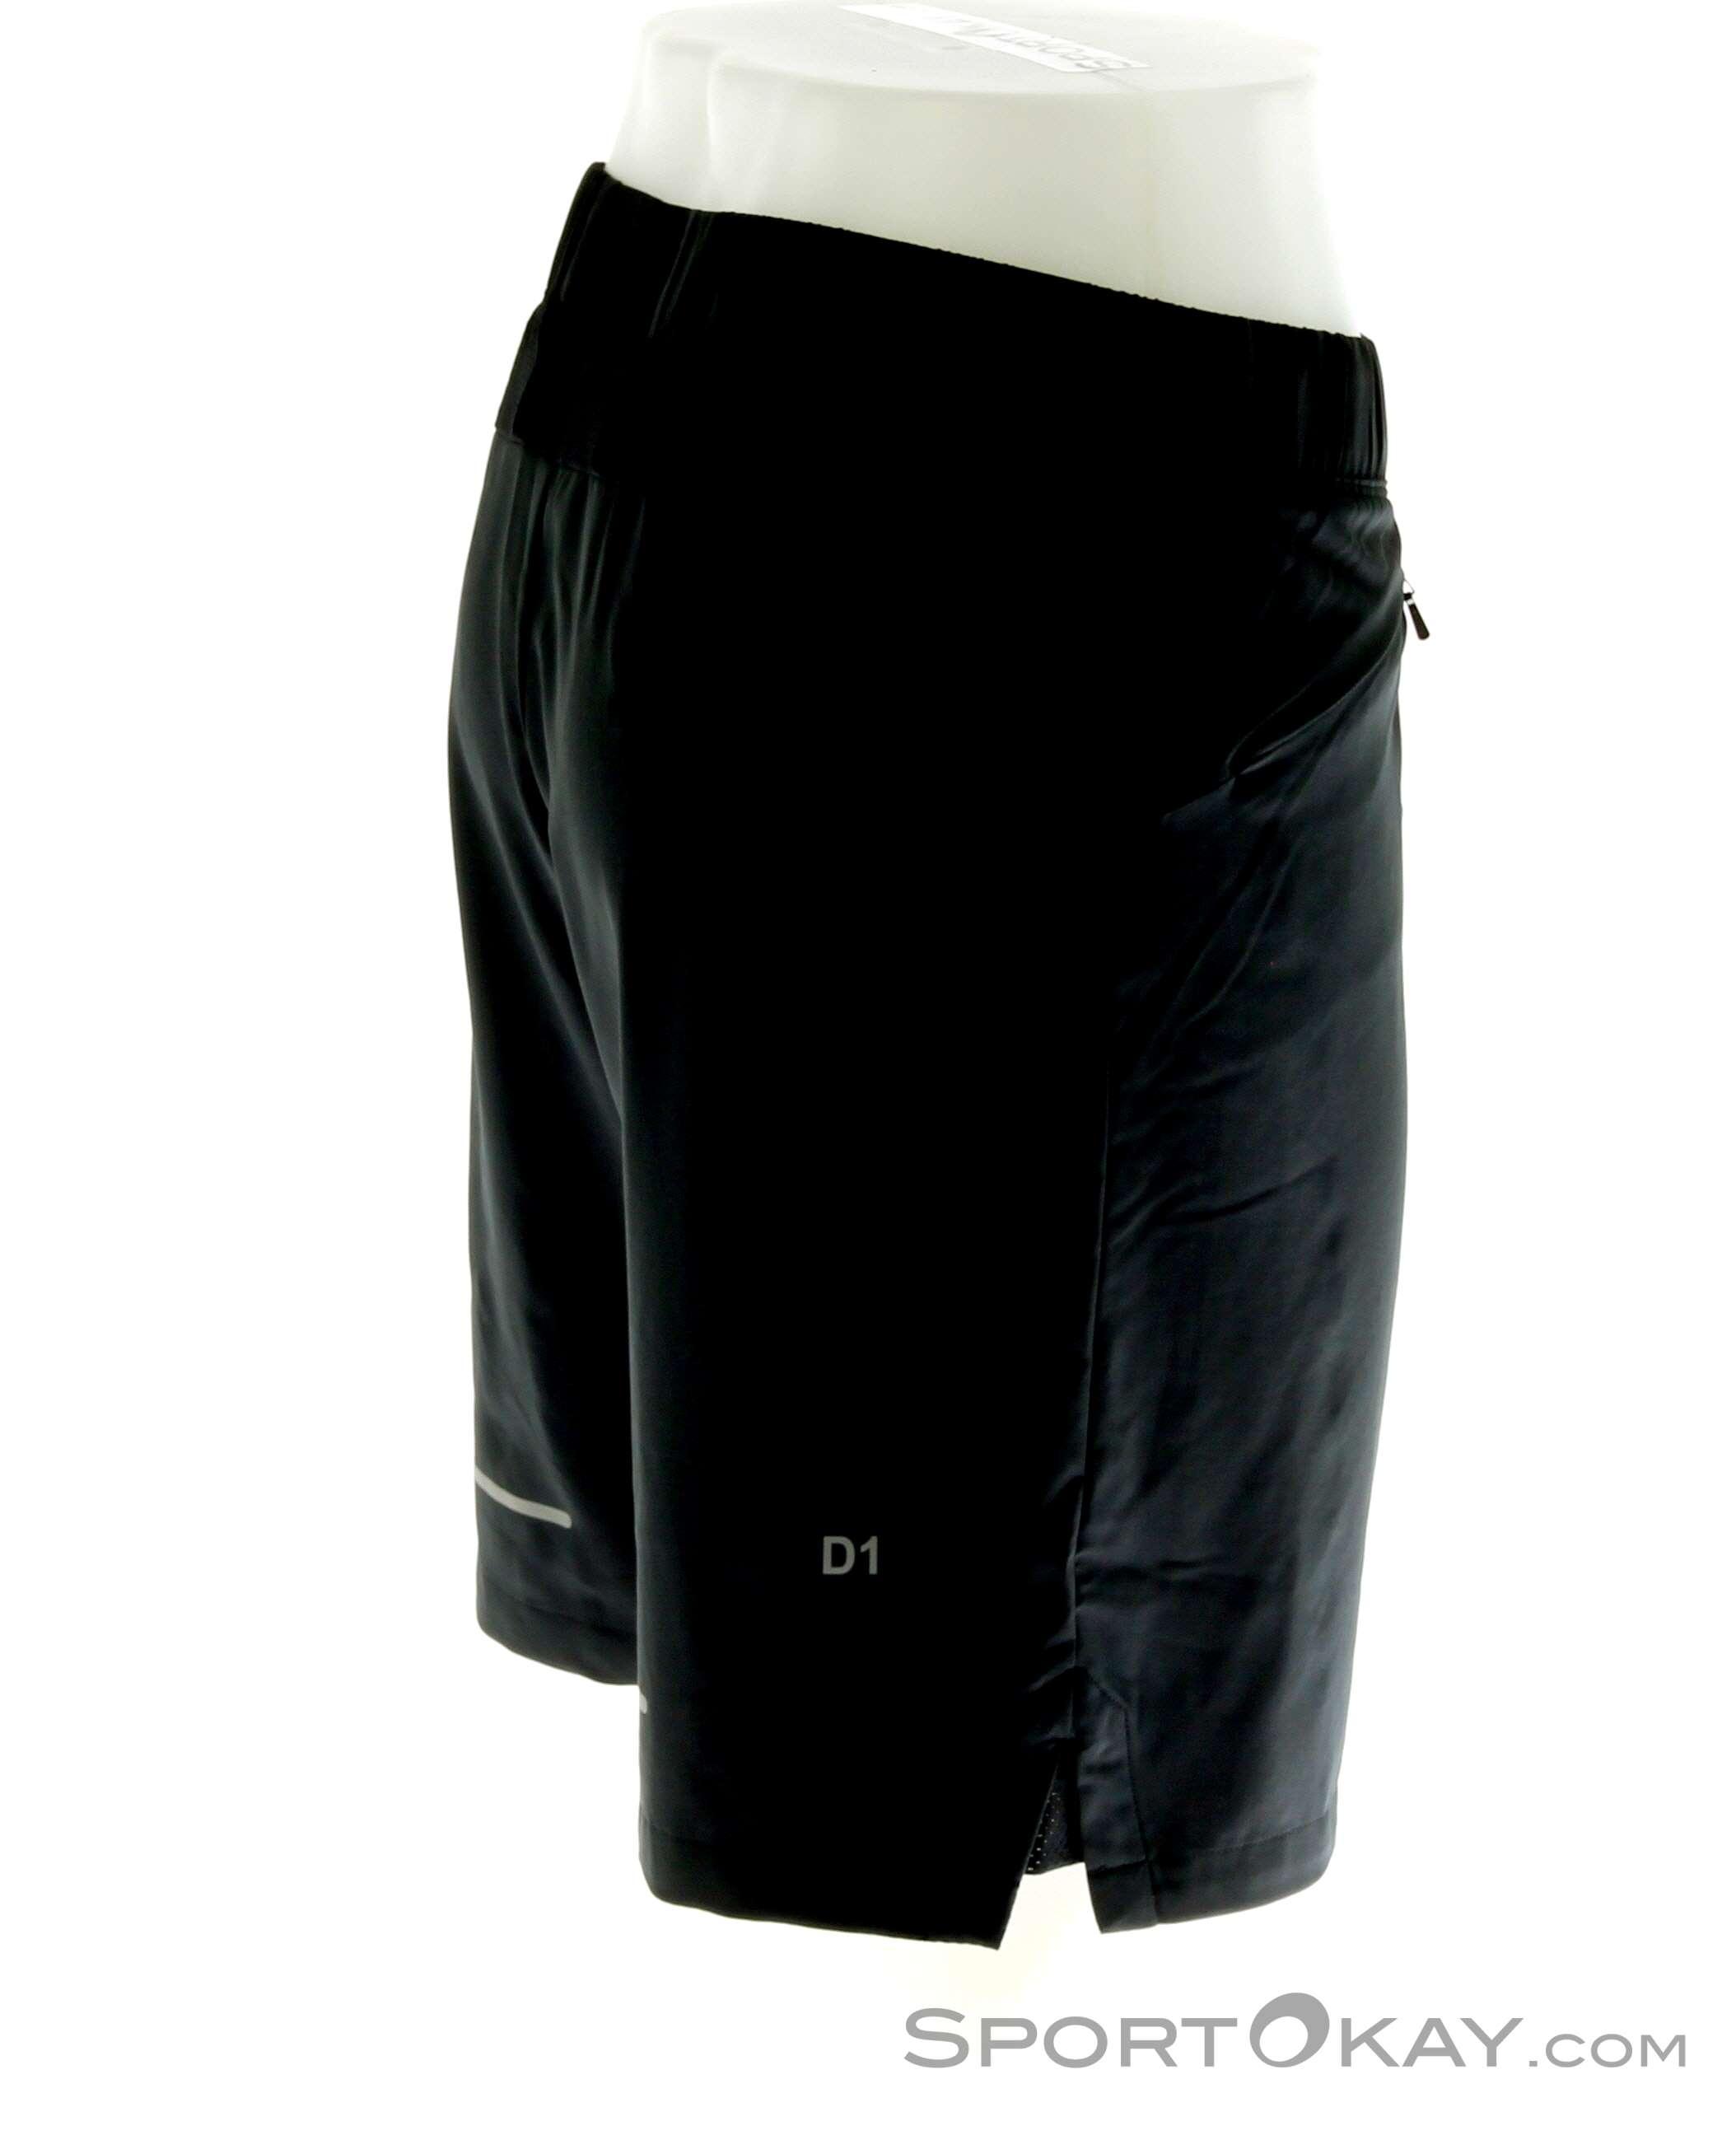 05b6c1e4b0 Asics 2-N-1 7 in Short Uomo Pantaloni da Corsa - Pantaloni ...